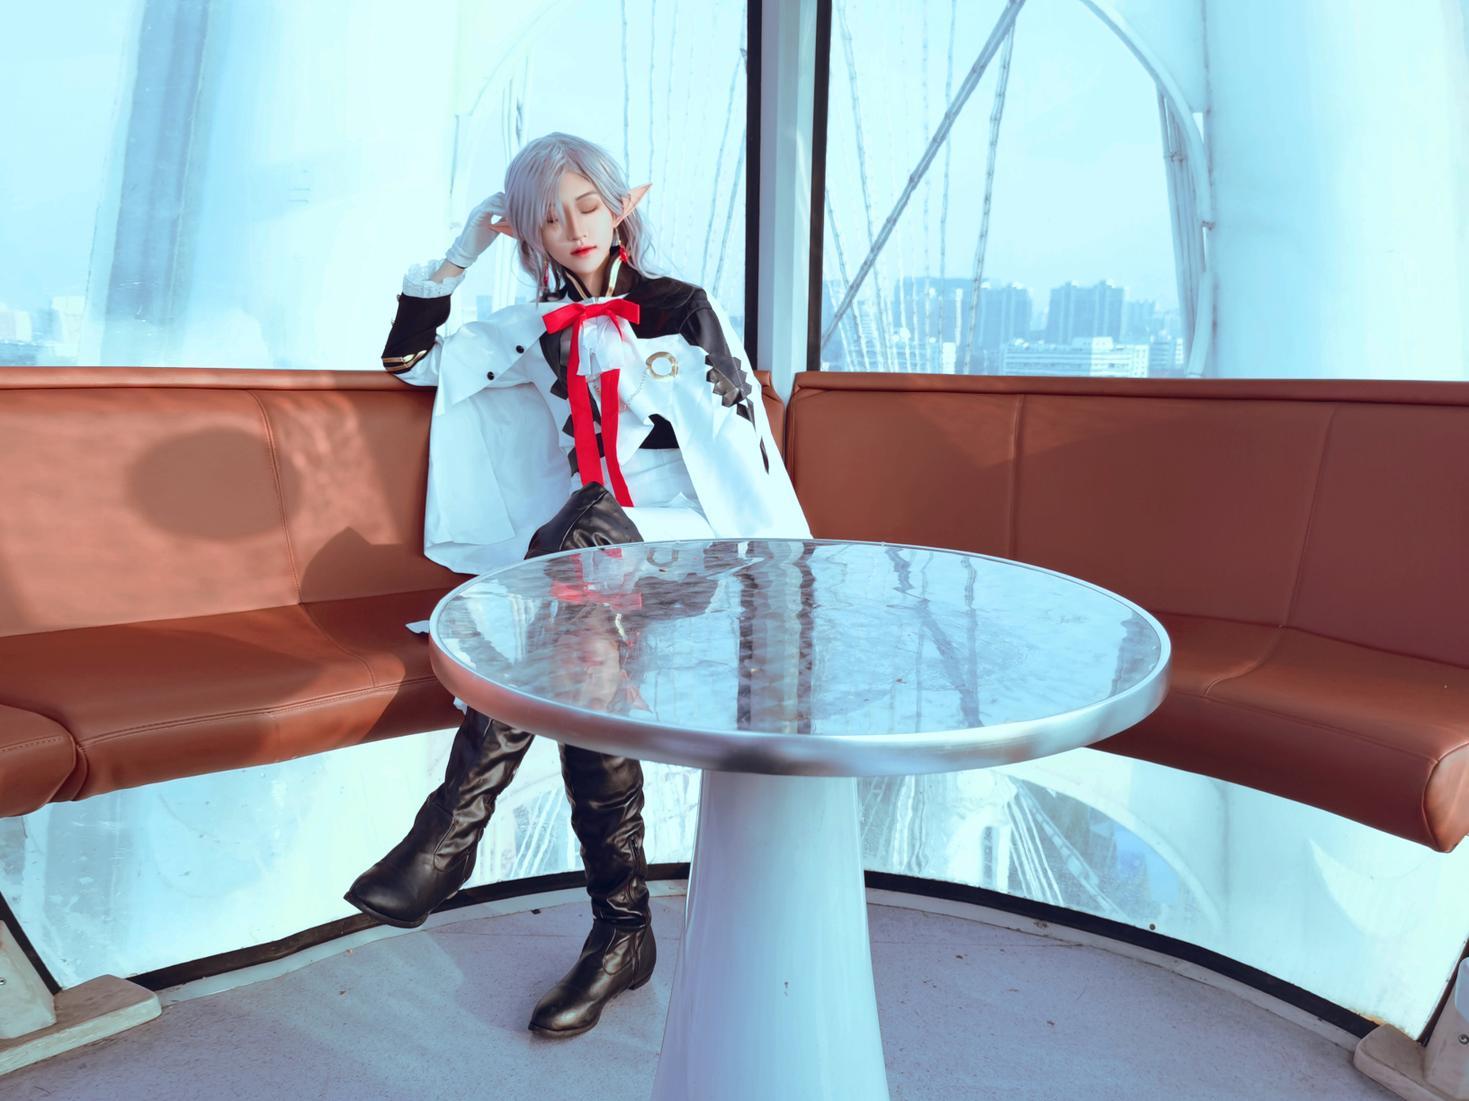 《终结的炽天使》终结的炽天使费娘cosplay【CN:君莫笑笑笑笑笑啊】-第1张